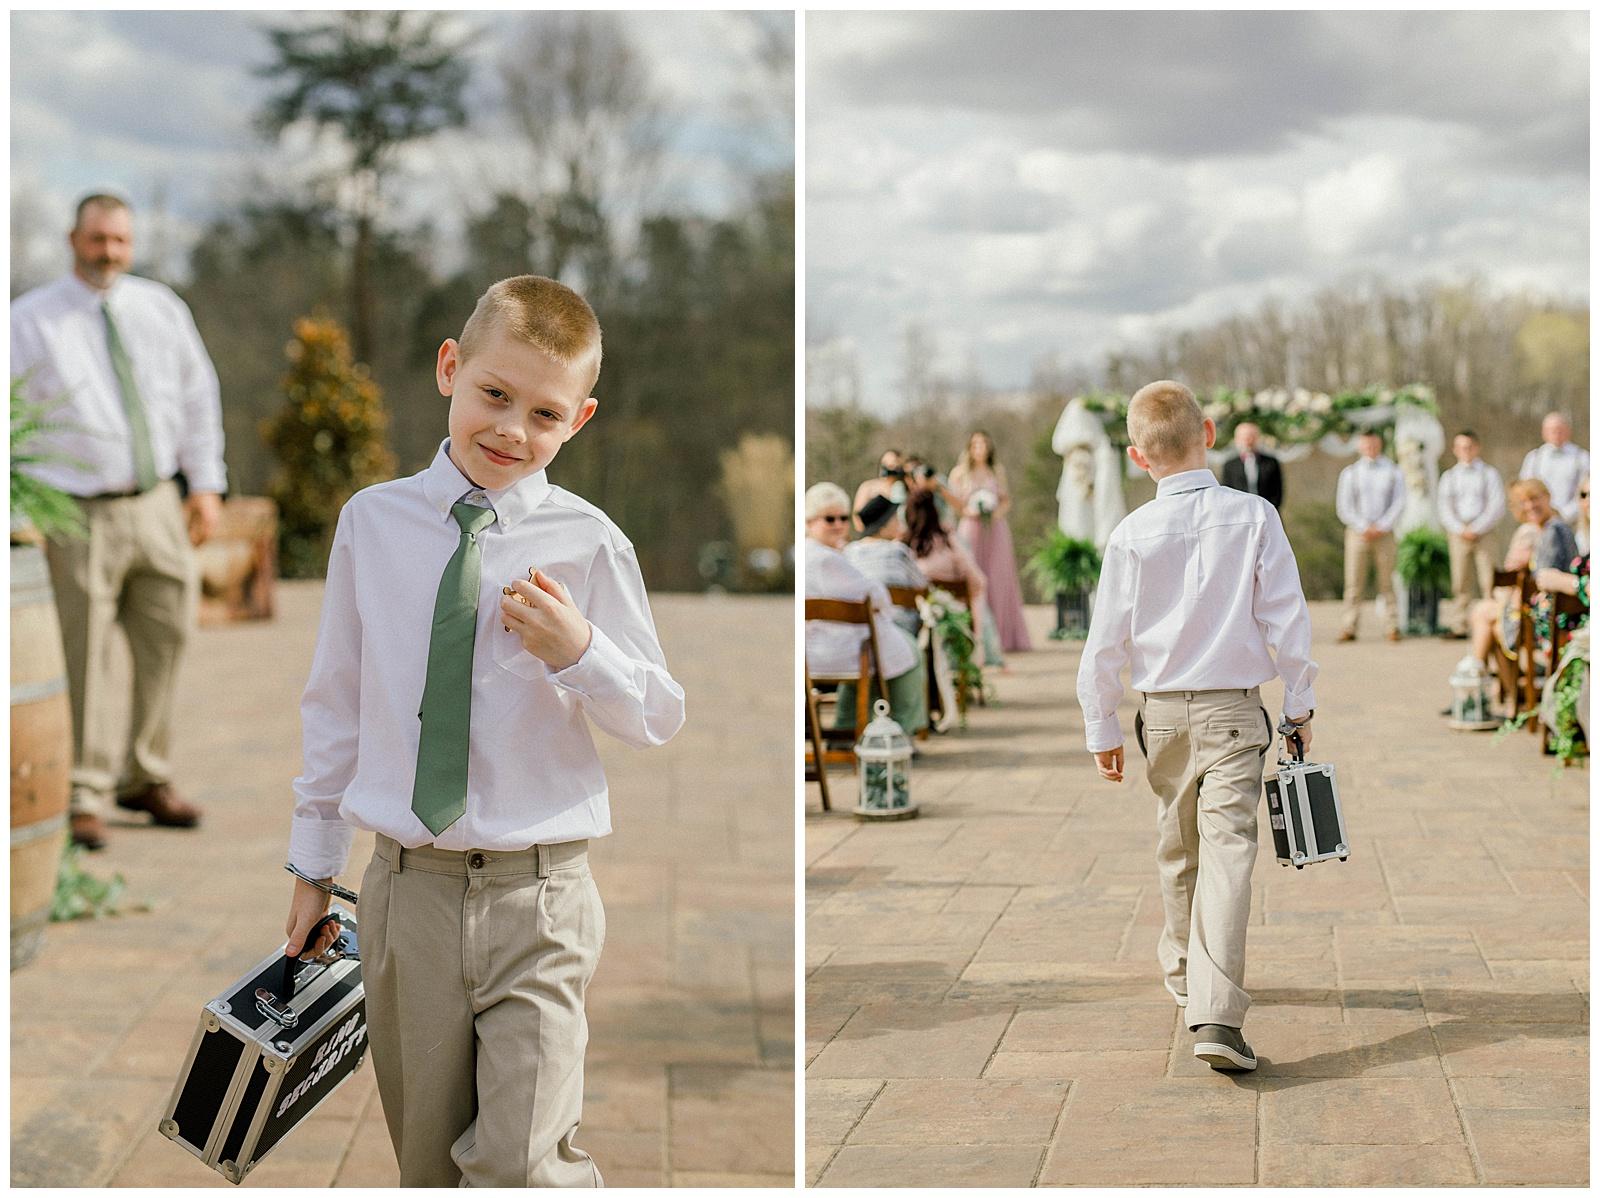 Lewis-Kara-Blakeman-Photography-Huntington-West-Virginia-Wedding-Barn-Olde-Homestead-26